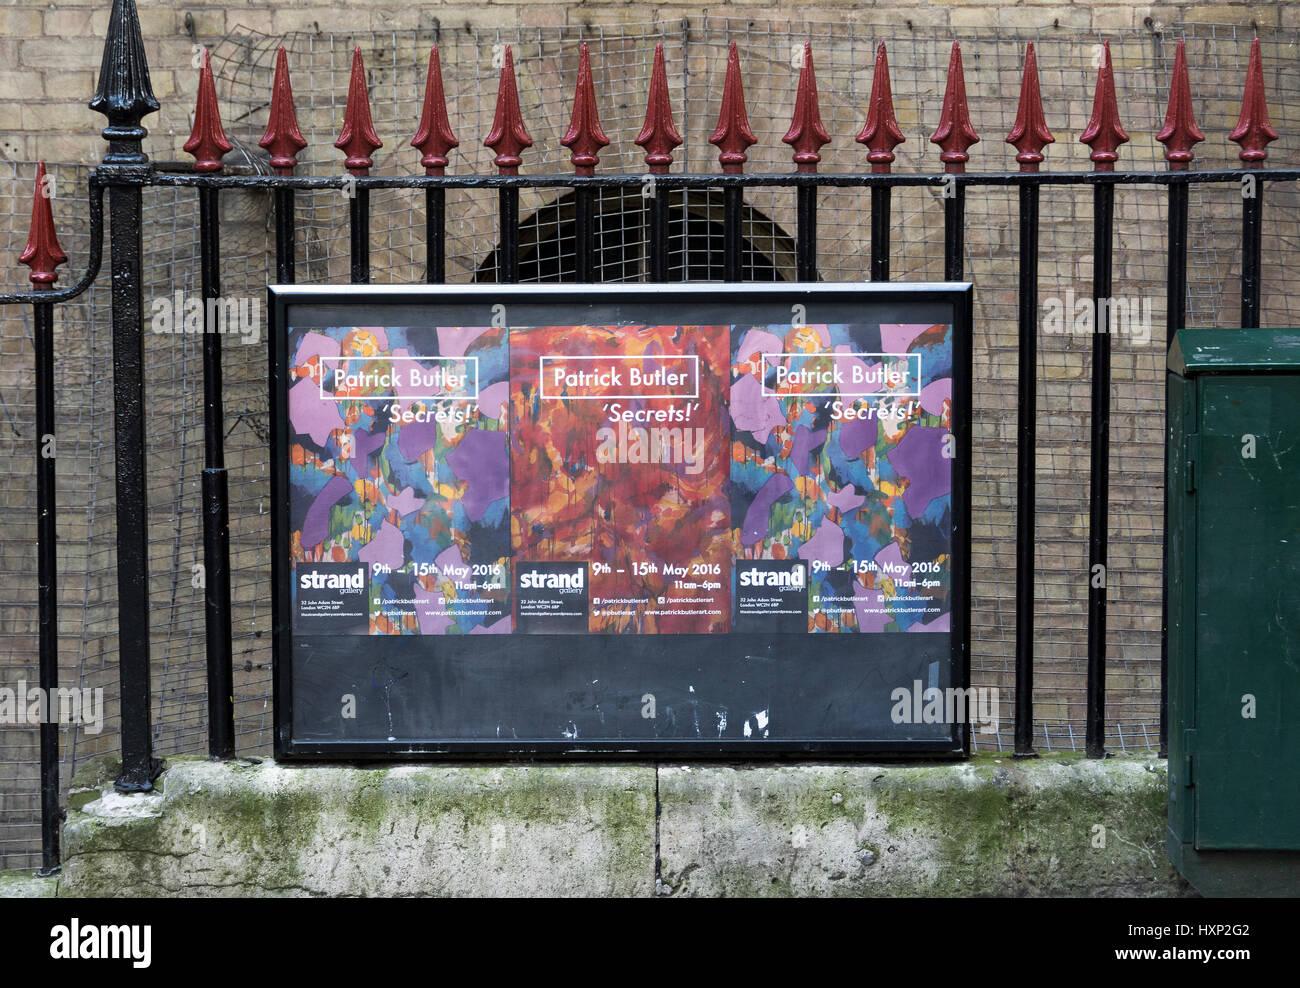 Manifesti per il 'Secrets' mostra arte da Patrick Butler allo Strand Gallery di Londra, Regno Unito Immagini Stock